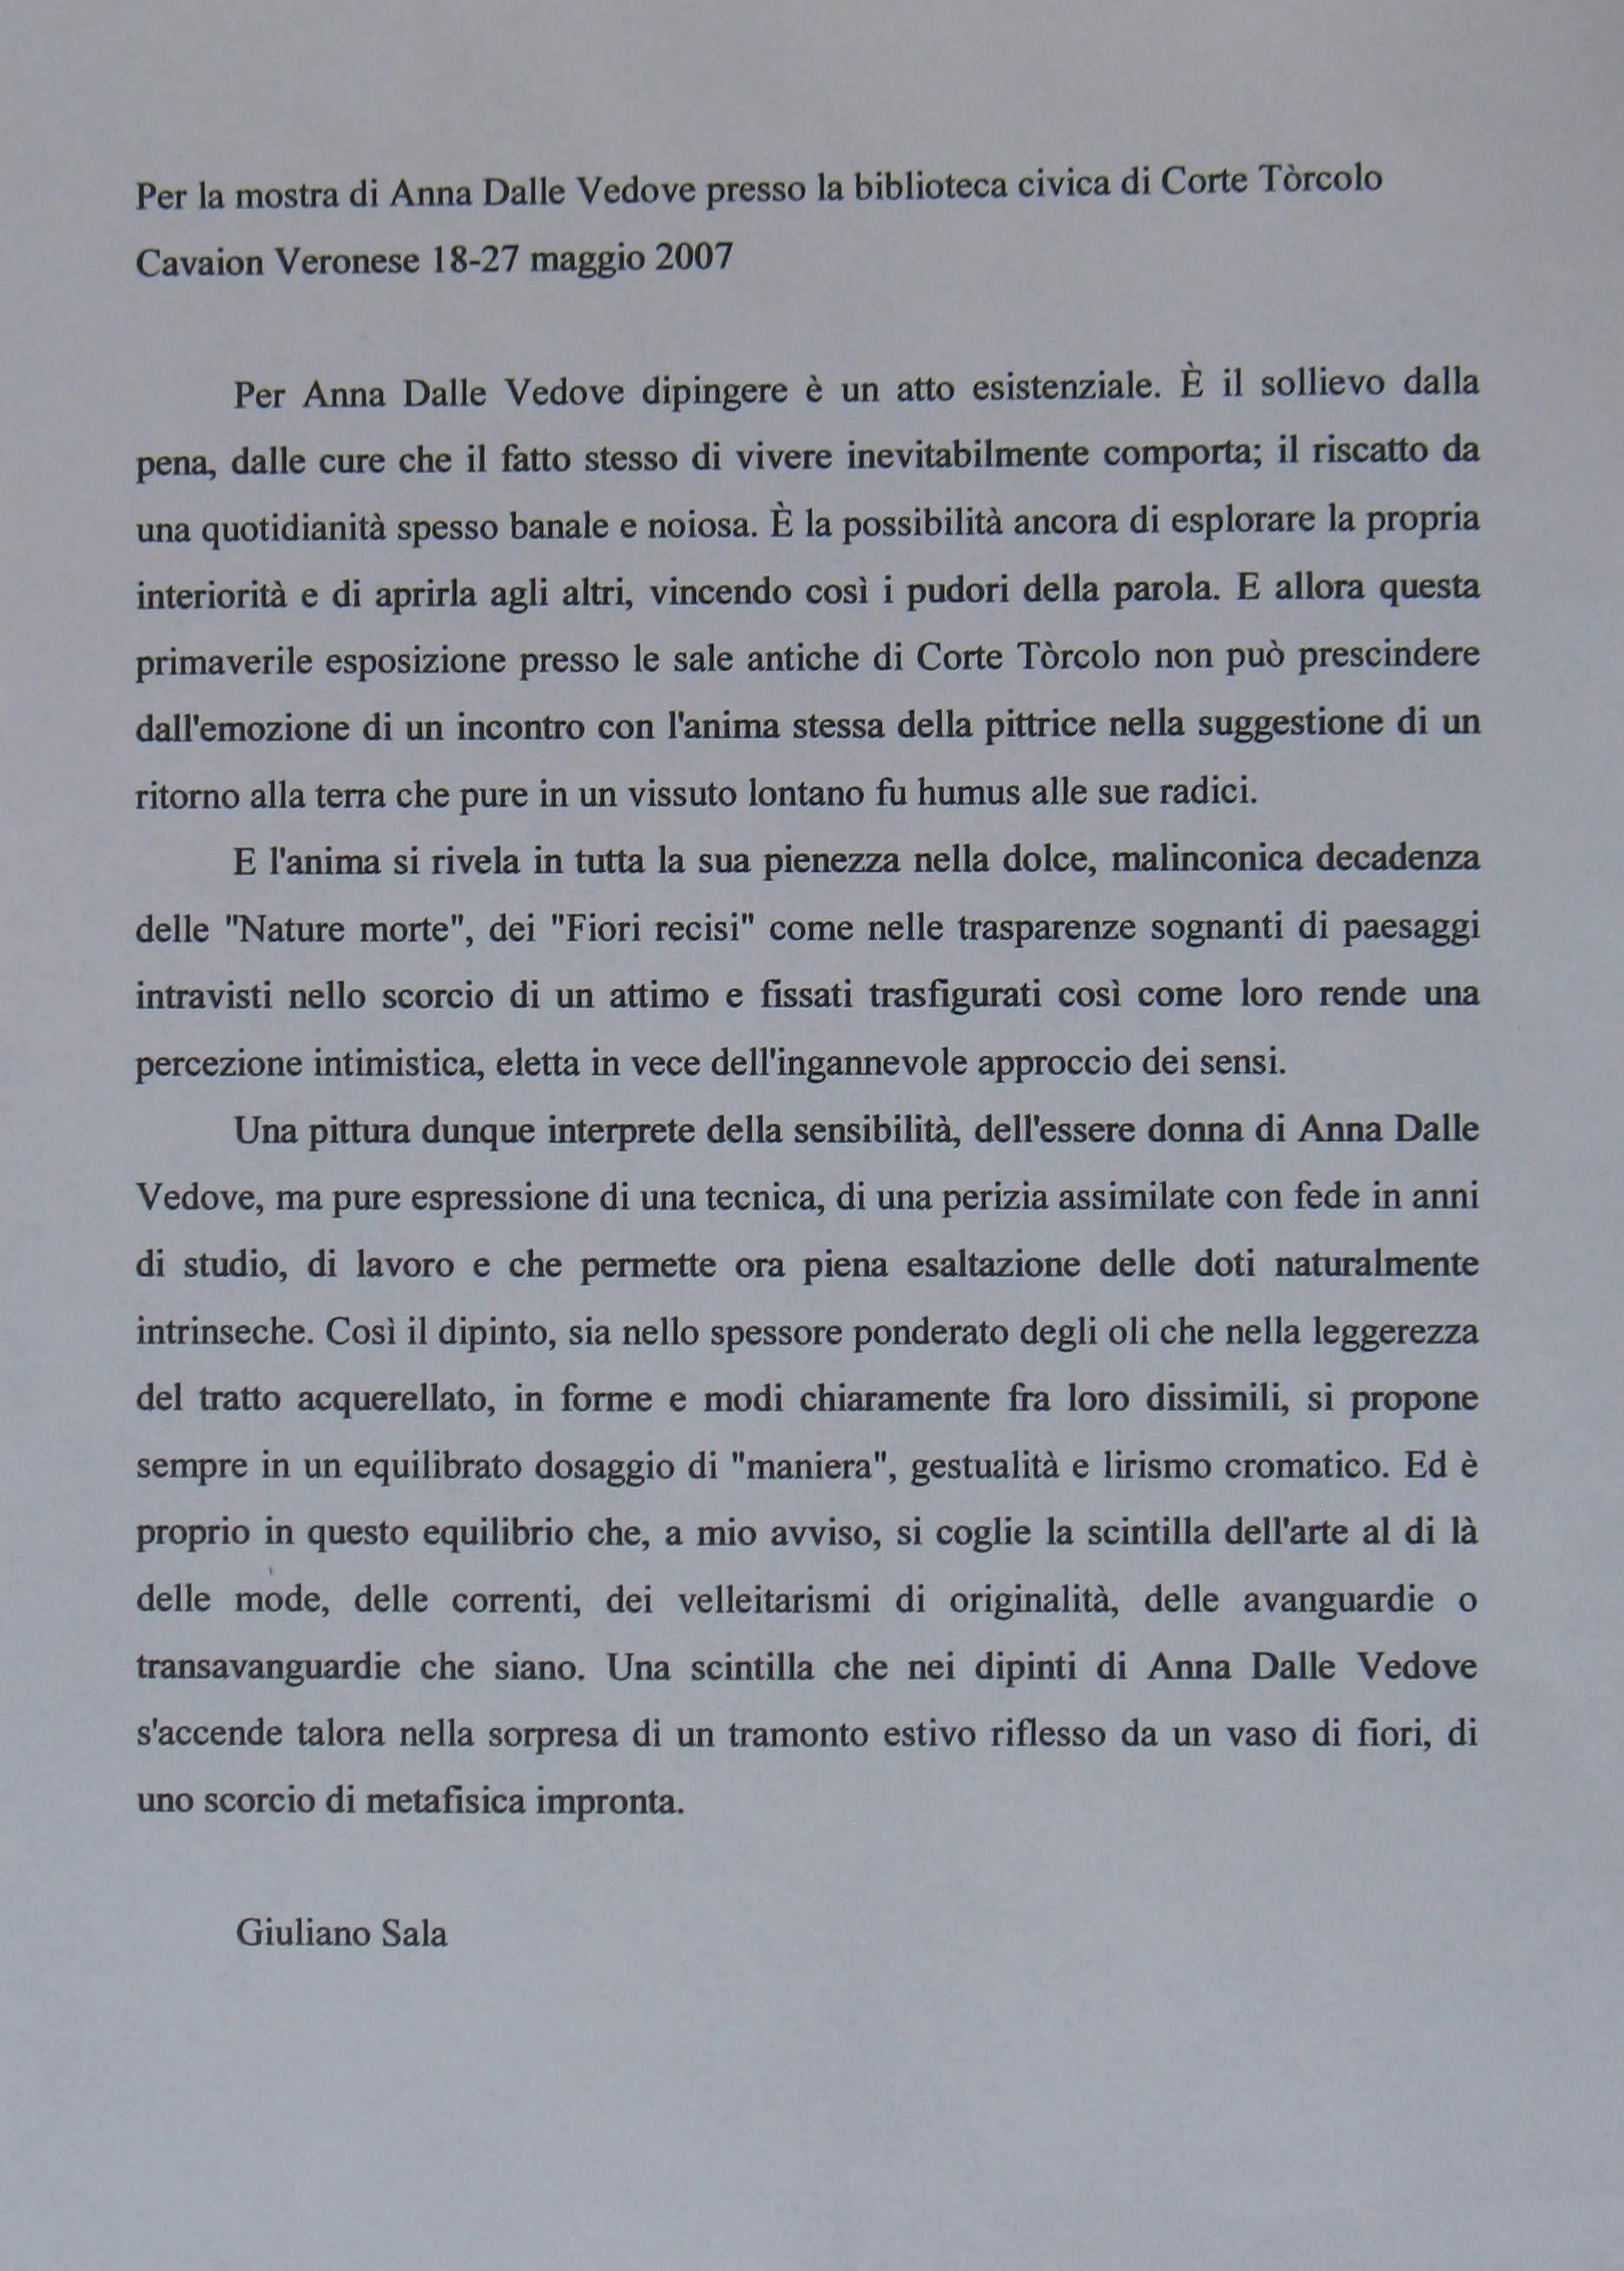 Anna Dalle Vedove